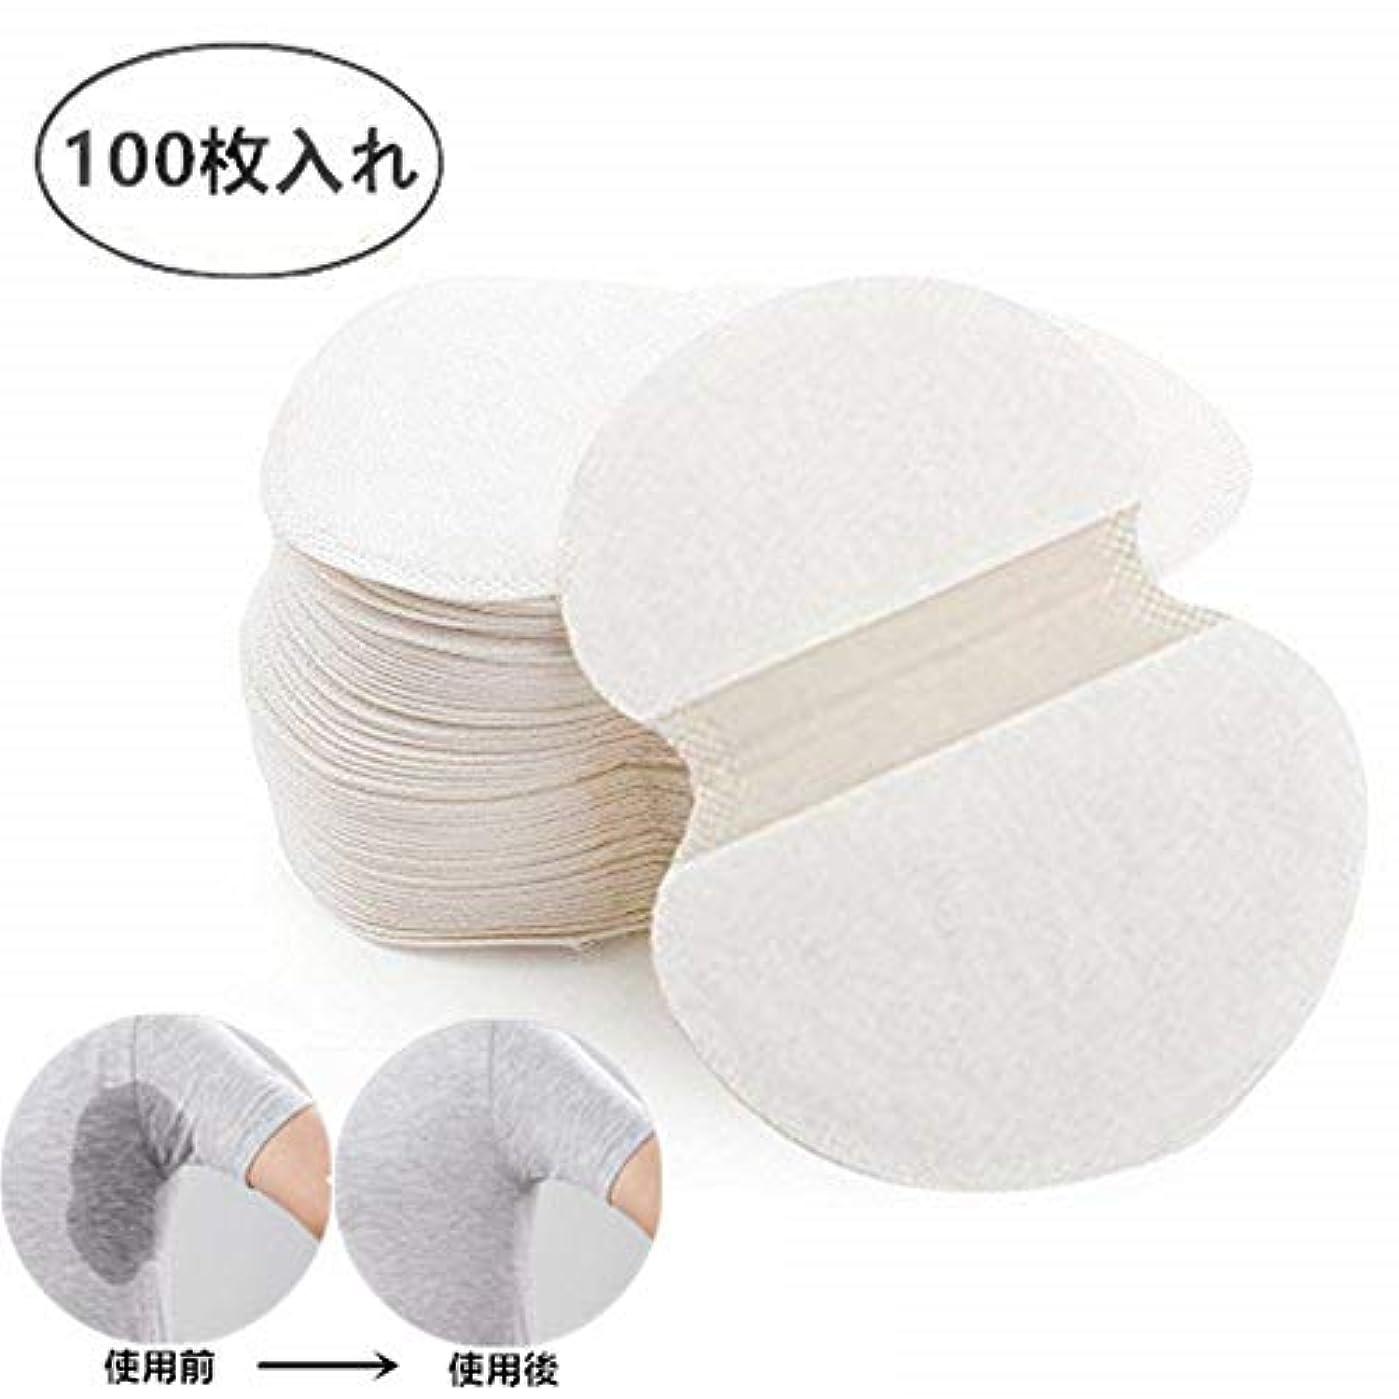 リクルートストロークパラダイスYUANSHOP1 わき汗パット さらさら あせジミ防止 汗取りパット 防臭シート 無香料 メンズ レディース 大きめ (100枚入)